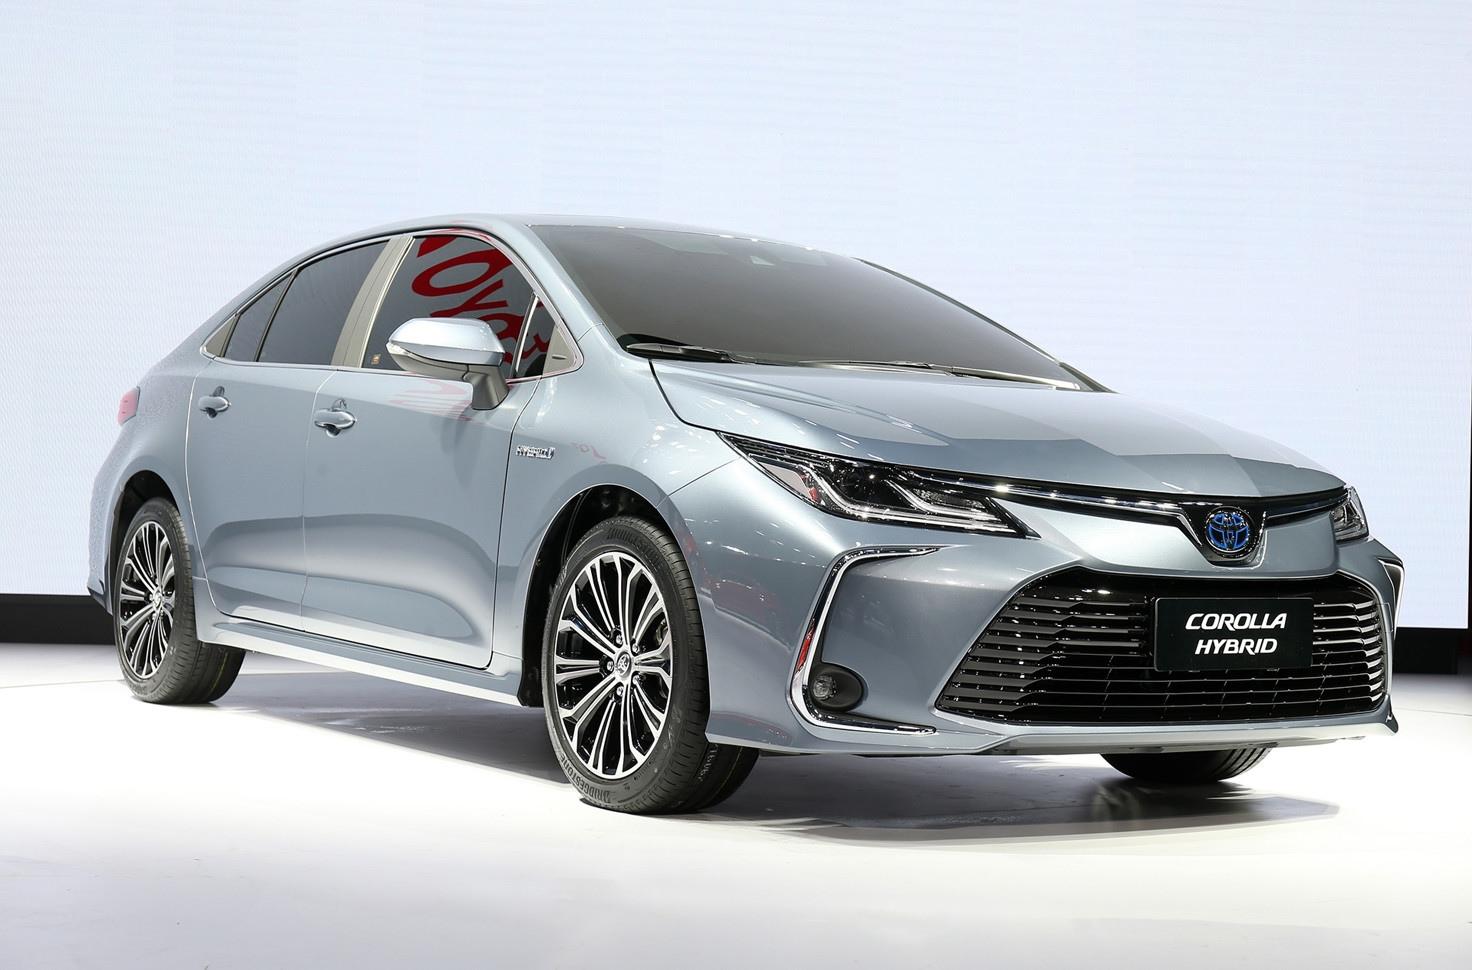 6 место: Toyota Corolla — 120 053 шт., 1,7% рынка